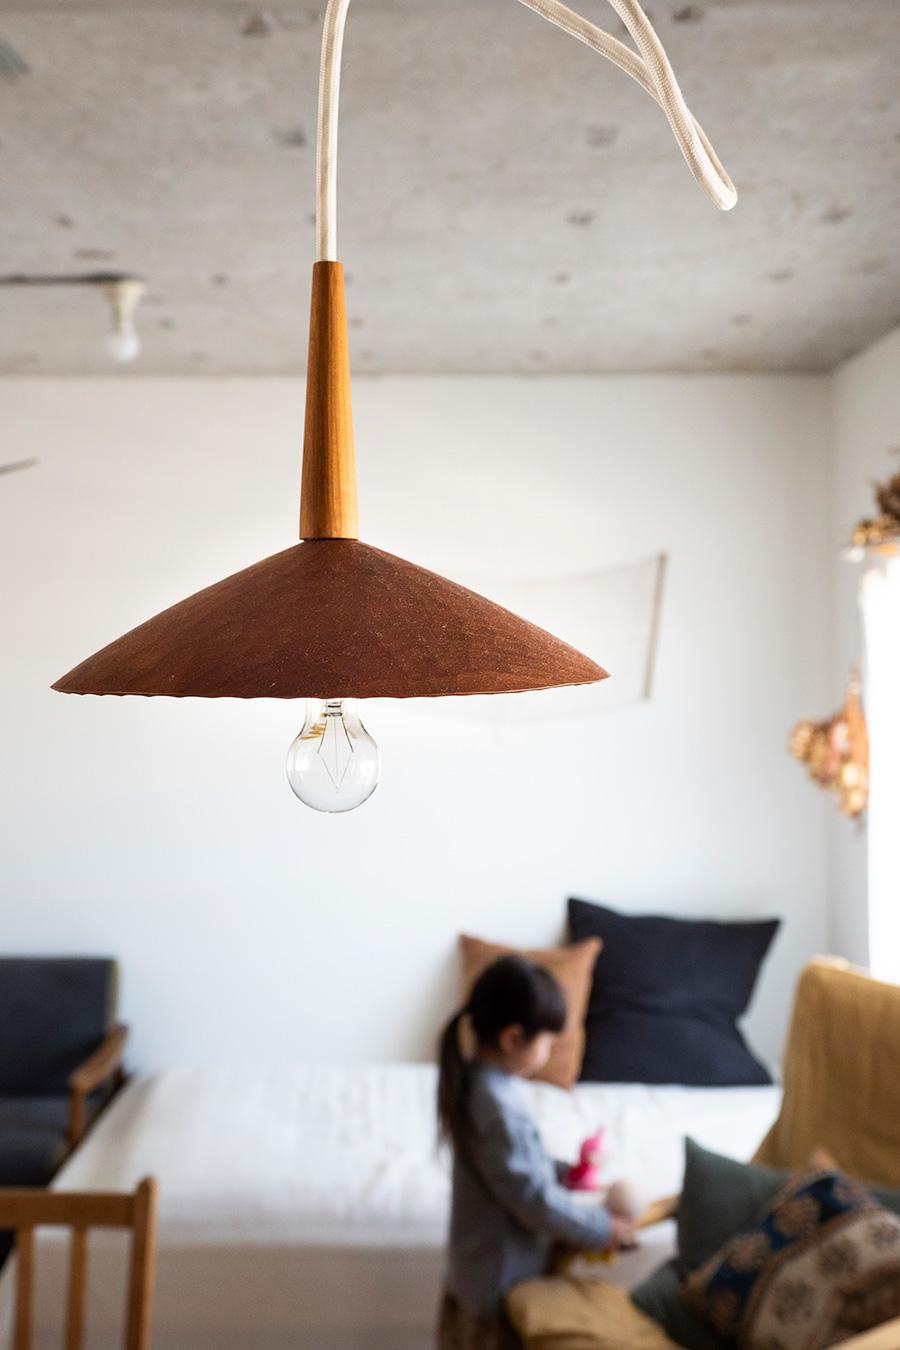 木の作家うだまさしさんのサクラの木を使ったランプシェードが、ダイニングをやさしく灯す。